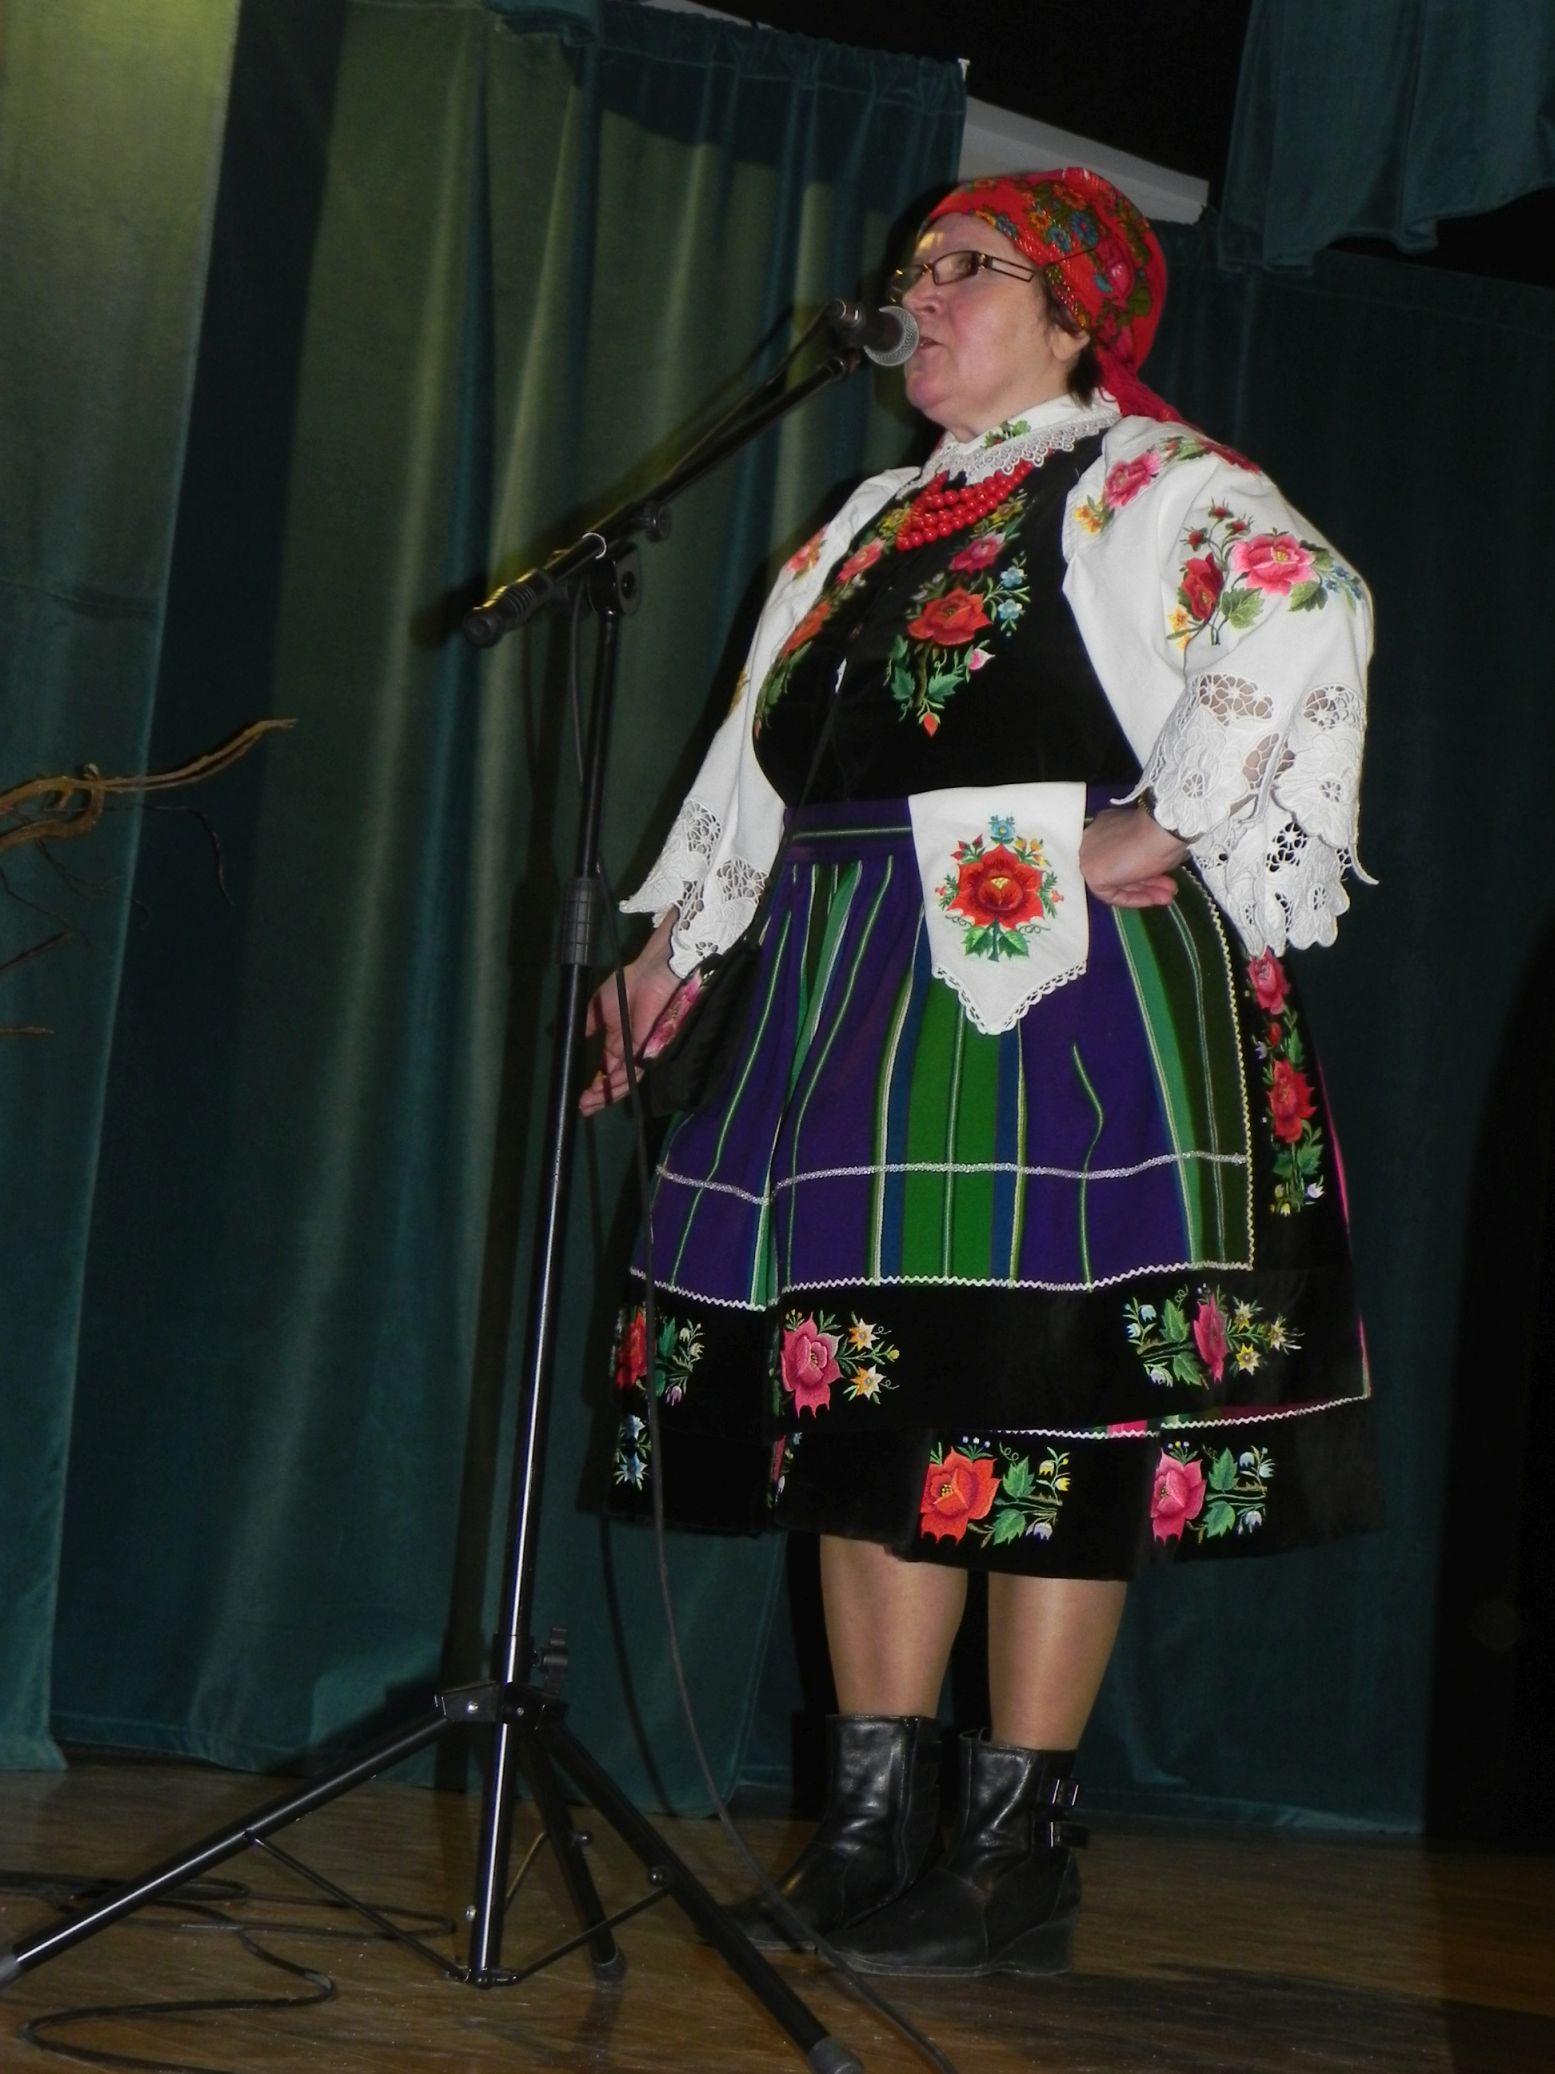 2015-02-14 Boguszyce - gawędy (30)